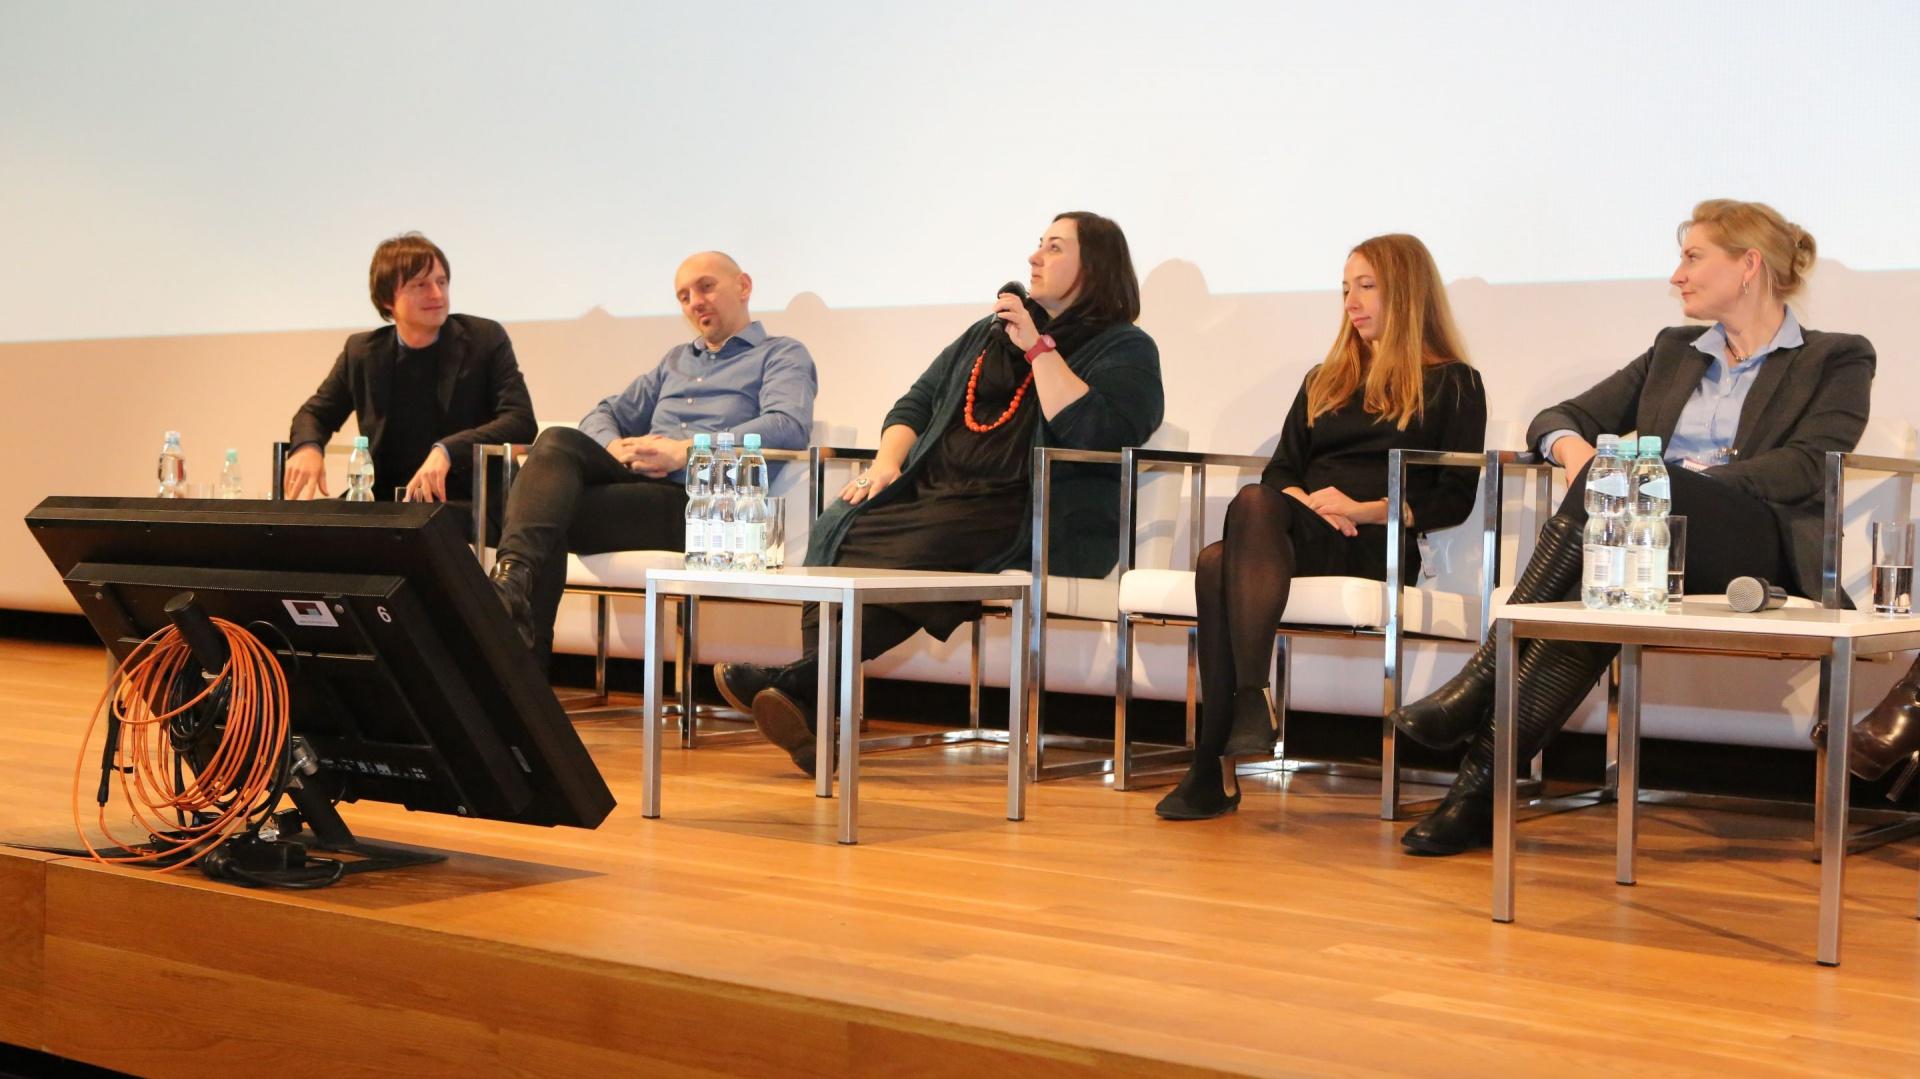 """Jak technologia wpływa na proces projektowania i w jaką rolę odgrywa w naszym codziennym życiu - to główne tematy dyskusji. """"Technologia zanika"""" - mówiła m.in. Zuzanna Skalska."""